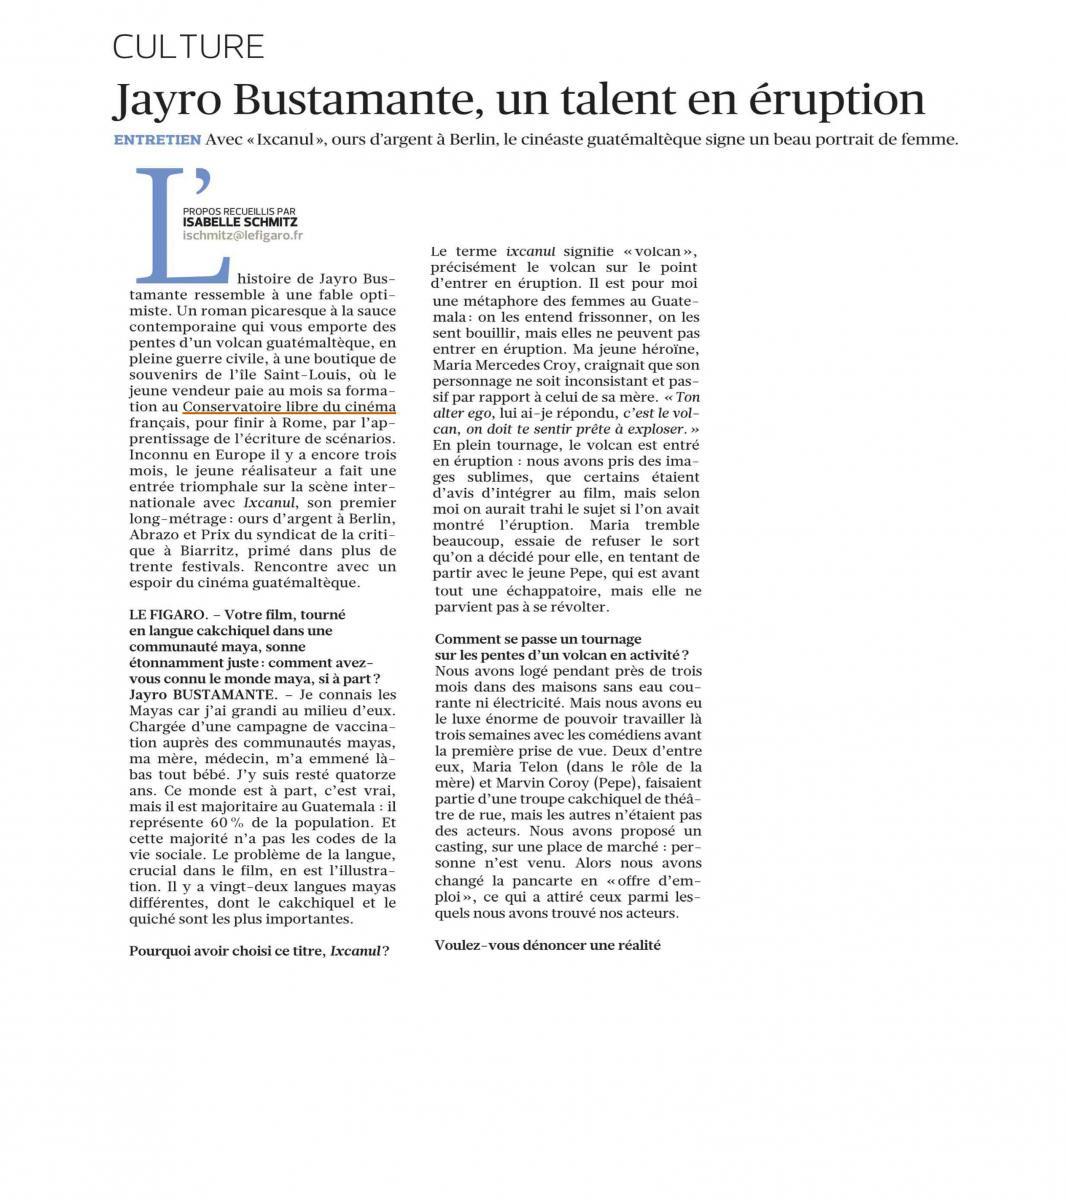 le journal Le Figaro a rencontré le réalisateur Jayro Bustamante